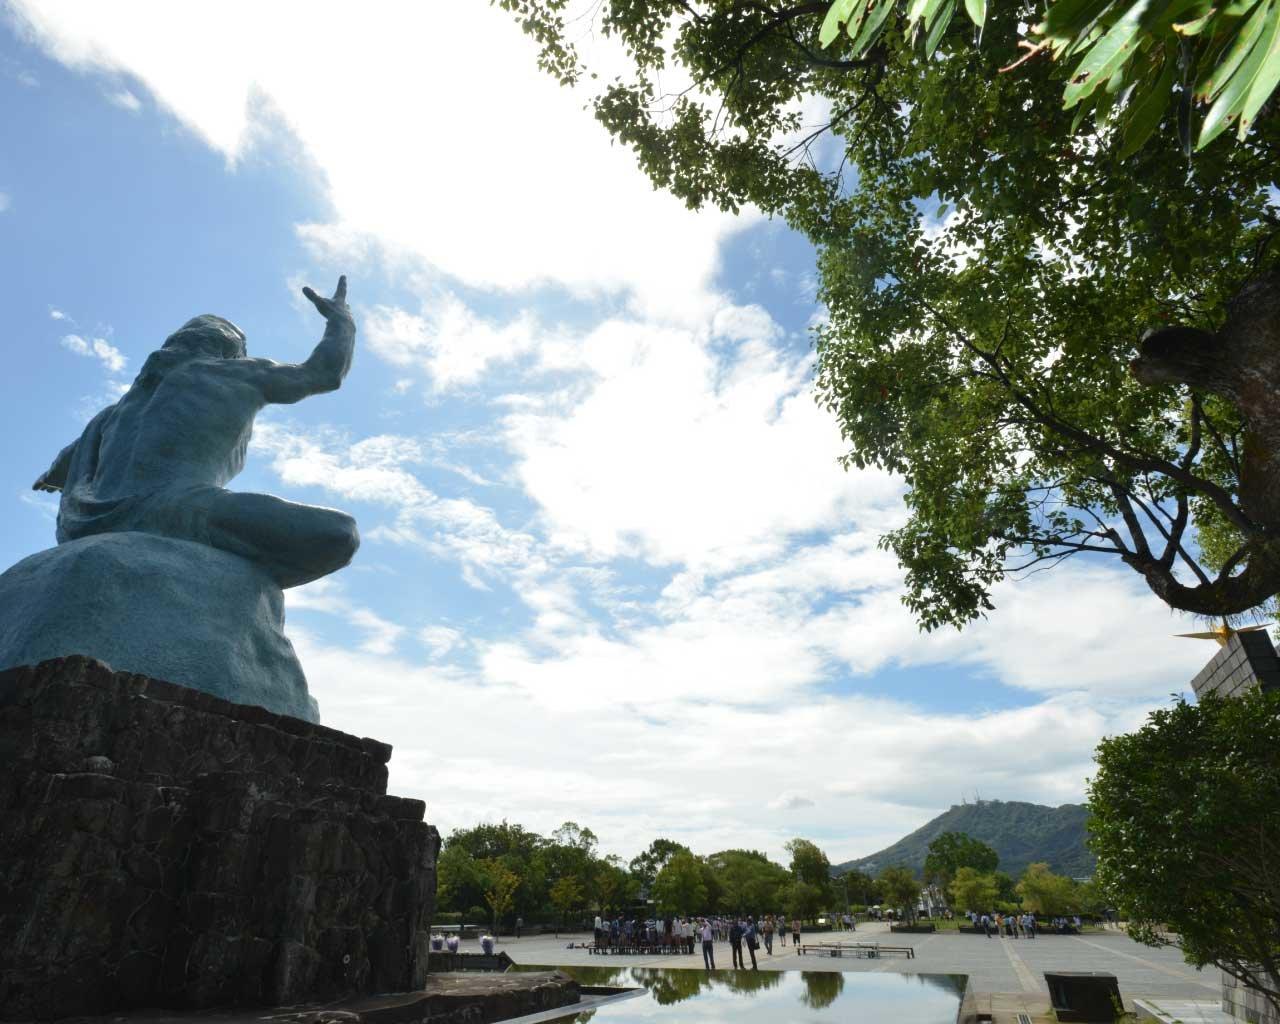 8月9日に訪れる長崎 平和関連行事